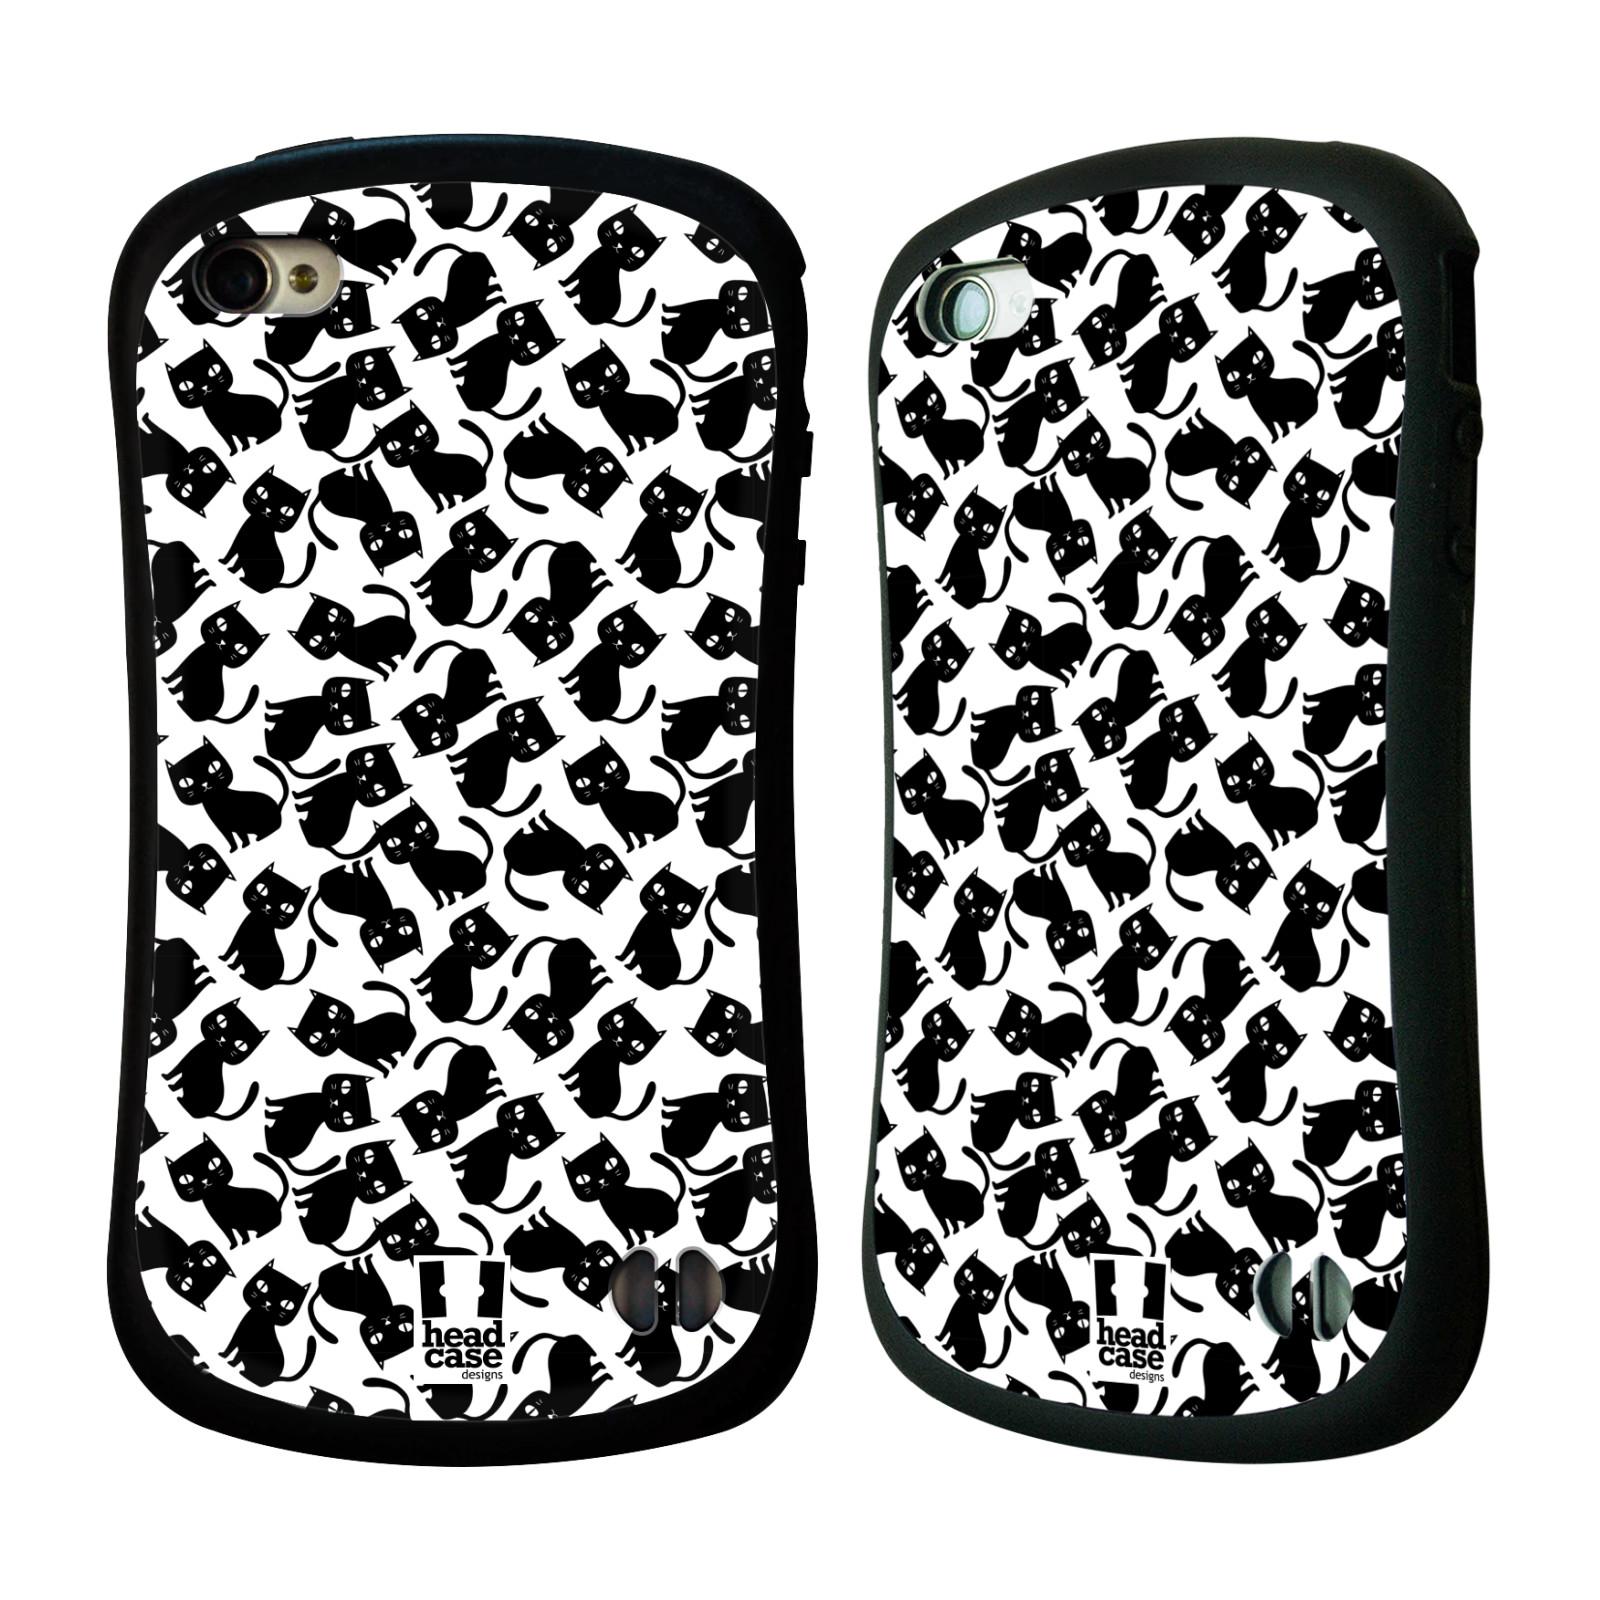 Nárazuvzdorné pouzdro na mobil Apple iPhone 4 a 4S HEAD CASE KOČKY Black Pattern (Odolný nárazuvzdorný silikonový kryt či obal na mobilní telefon Apple iPhone 4 a 4S)